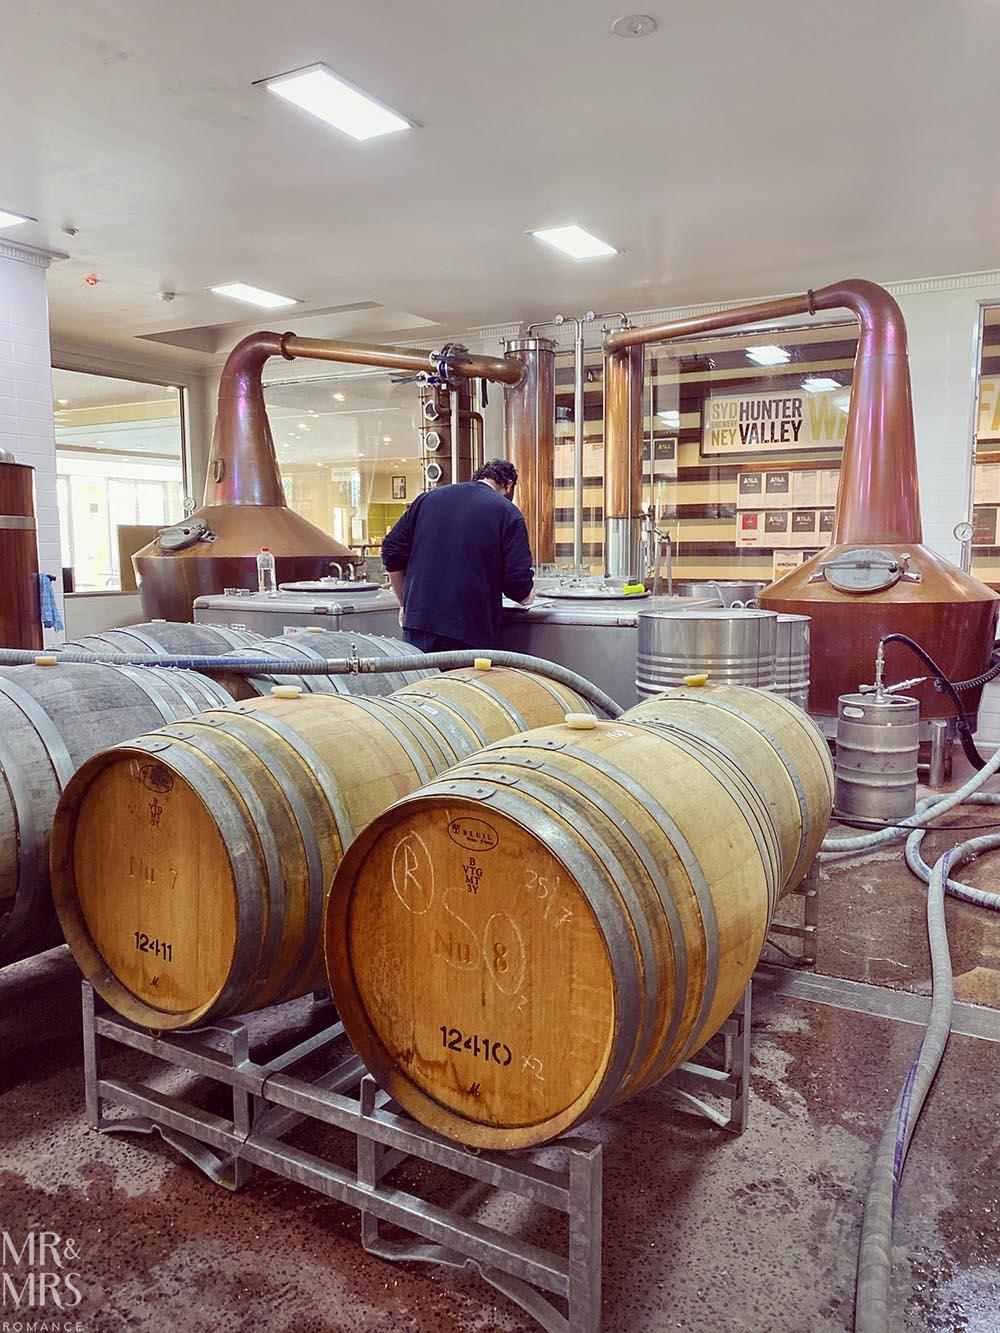 Spirit of Sydney distillery, Lovedale, Hunter Valley